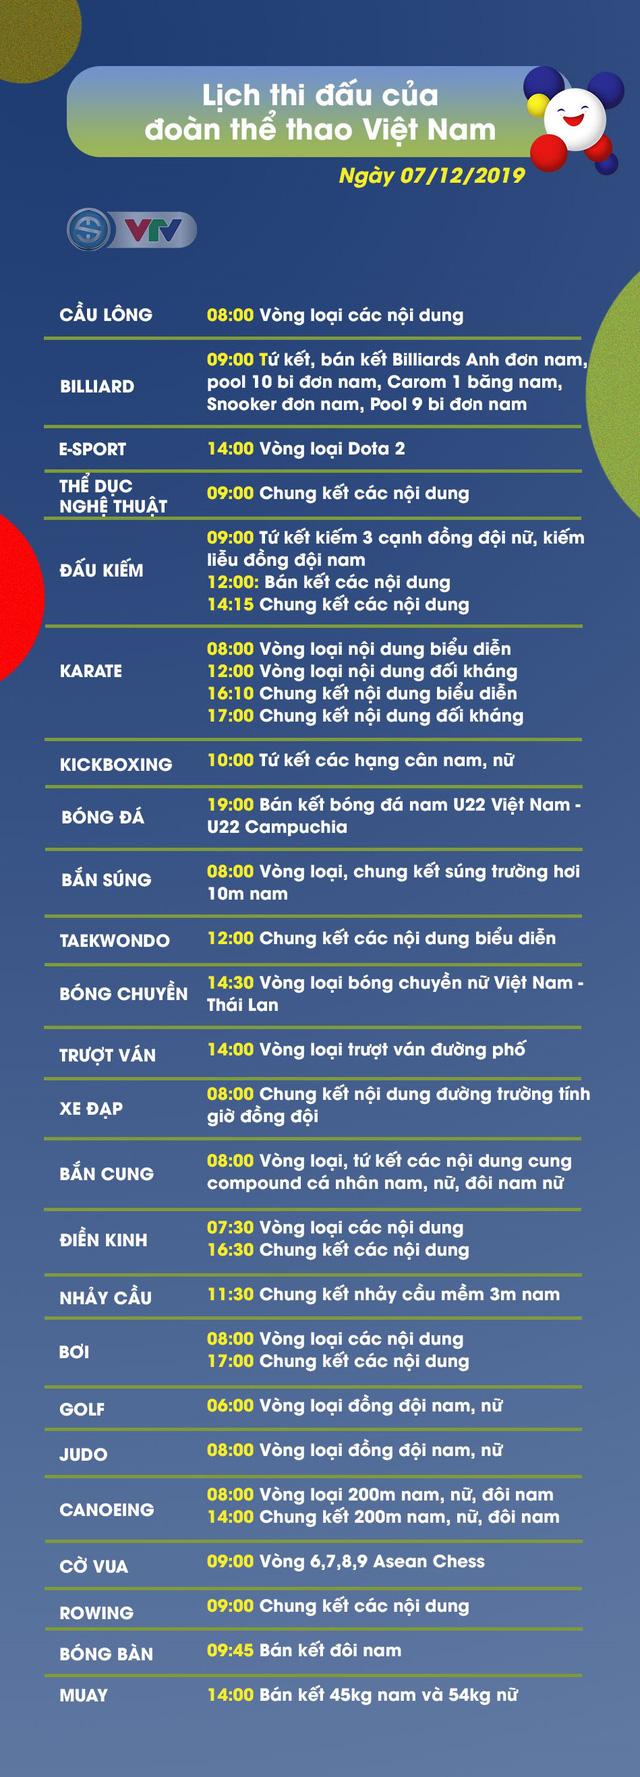 Lịch thi đấu ngày 07/12 của Đoàn Thể thao Việt Nam tại SEA Games 30 - Ảnh 1.